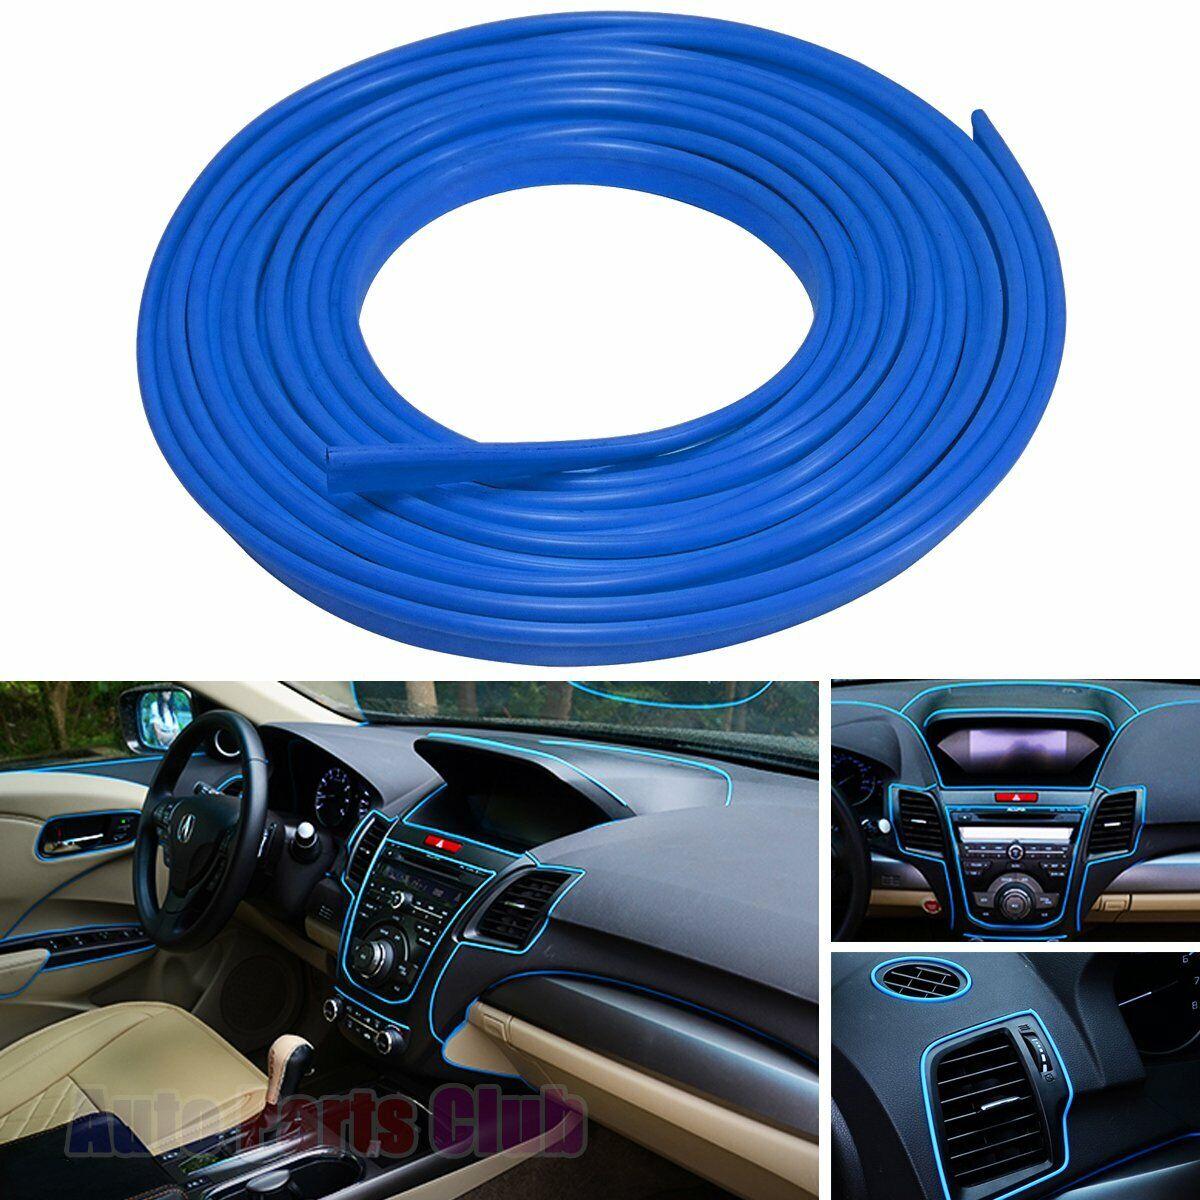 Car Parts - Tiras De Molduras Azul Accesorios Decoracion Para Carro Carros Exterior Interior